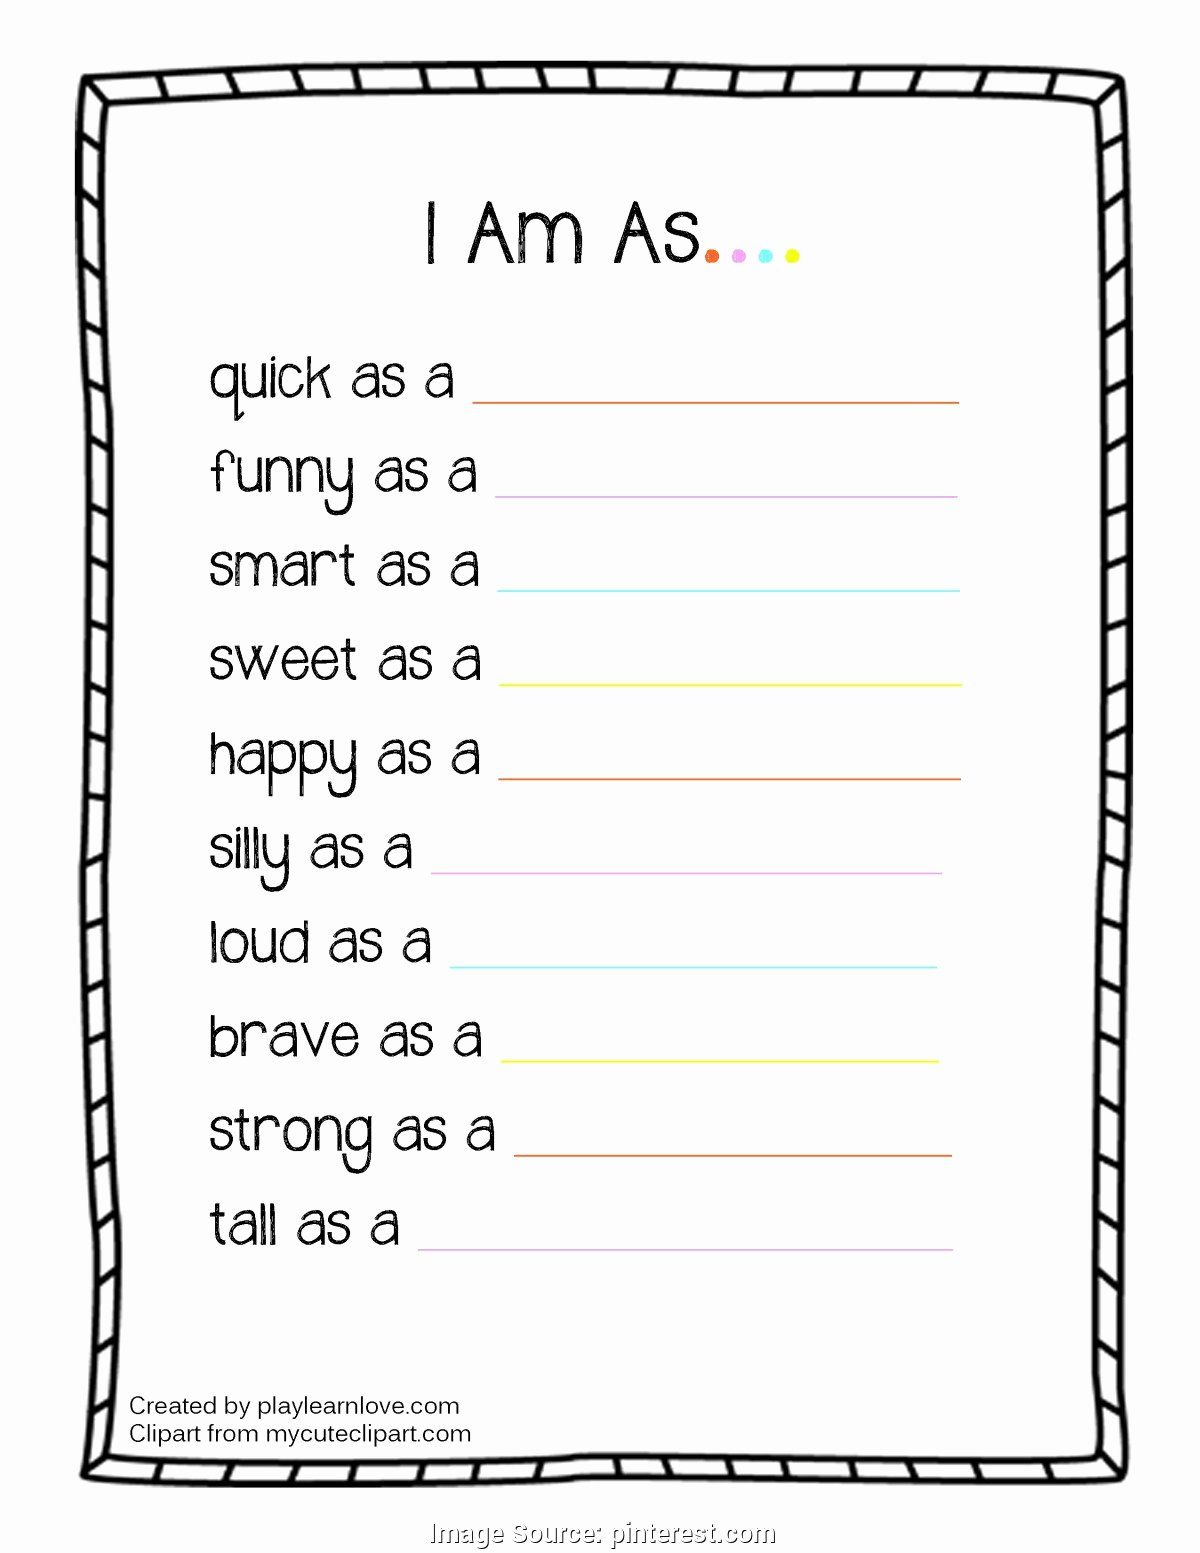 I Am Poem Worksheet Inspirational All About Me Poem Preschool In 2020 All About Me Preschool All About Me Preschool Theme Preschool Worksheets